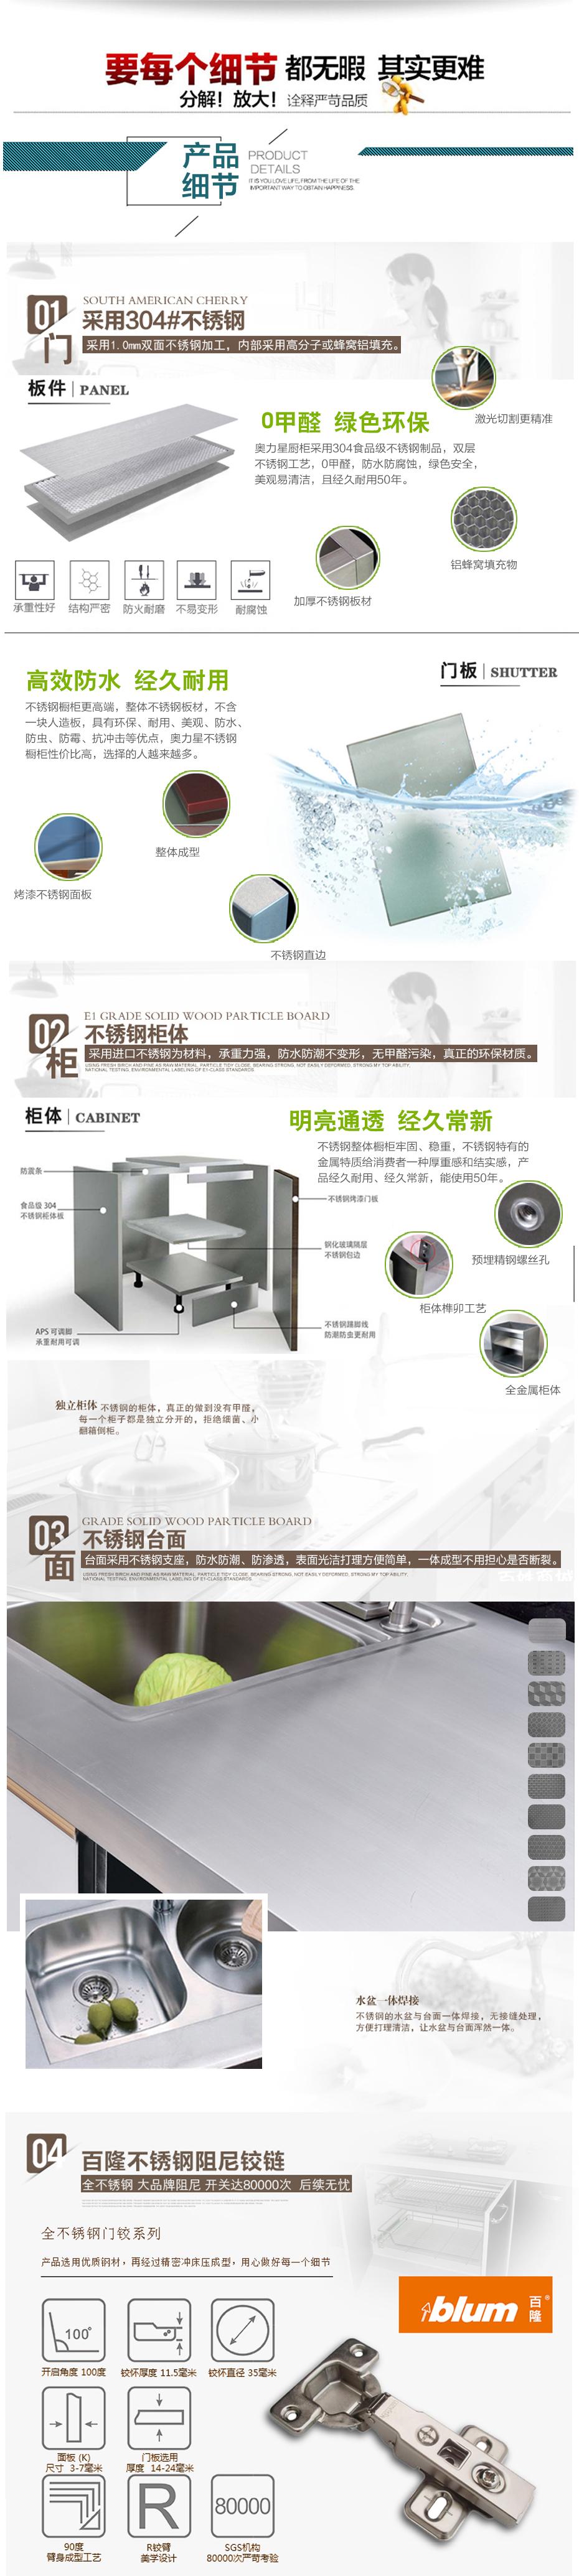 不锈钢一体成型橱柜的具体细节